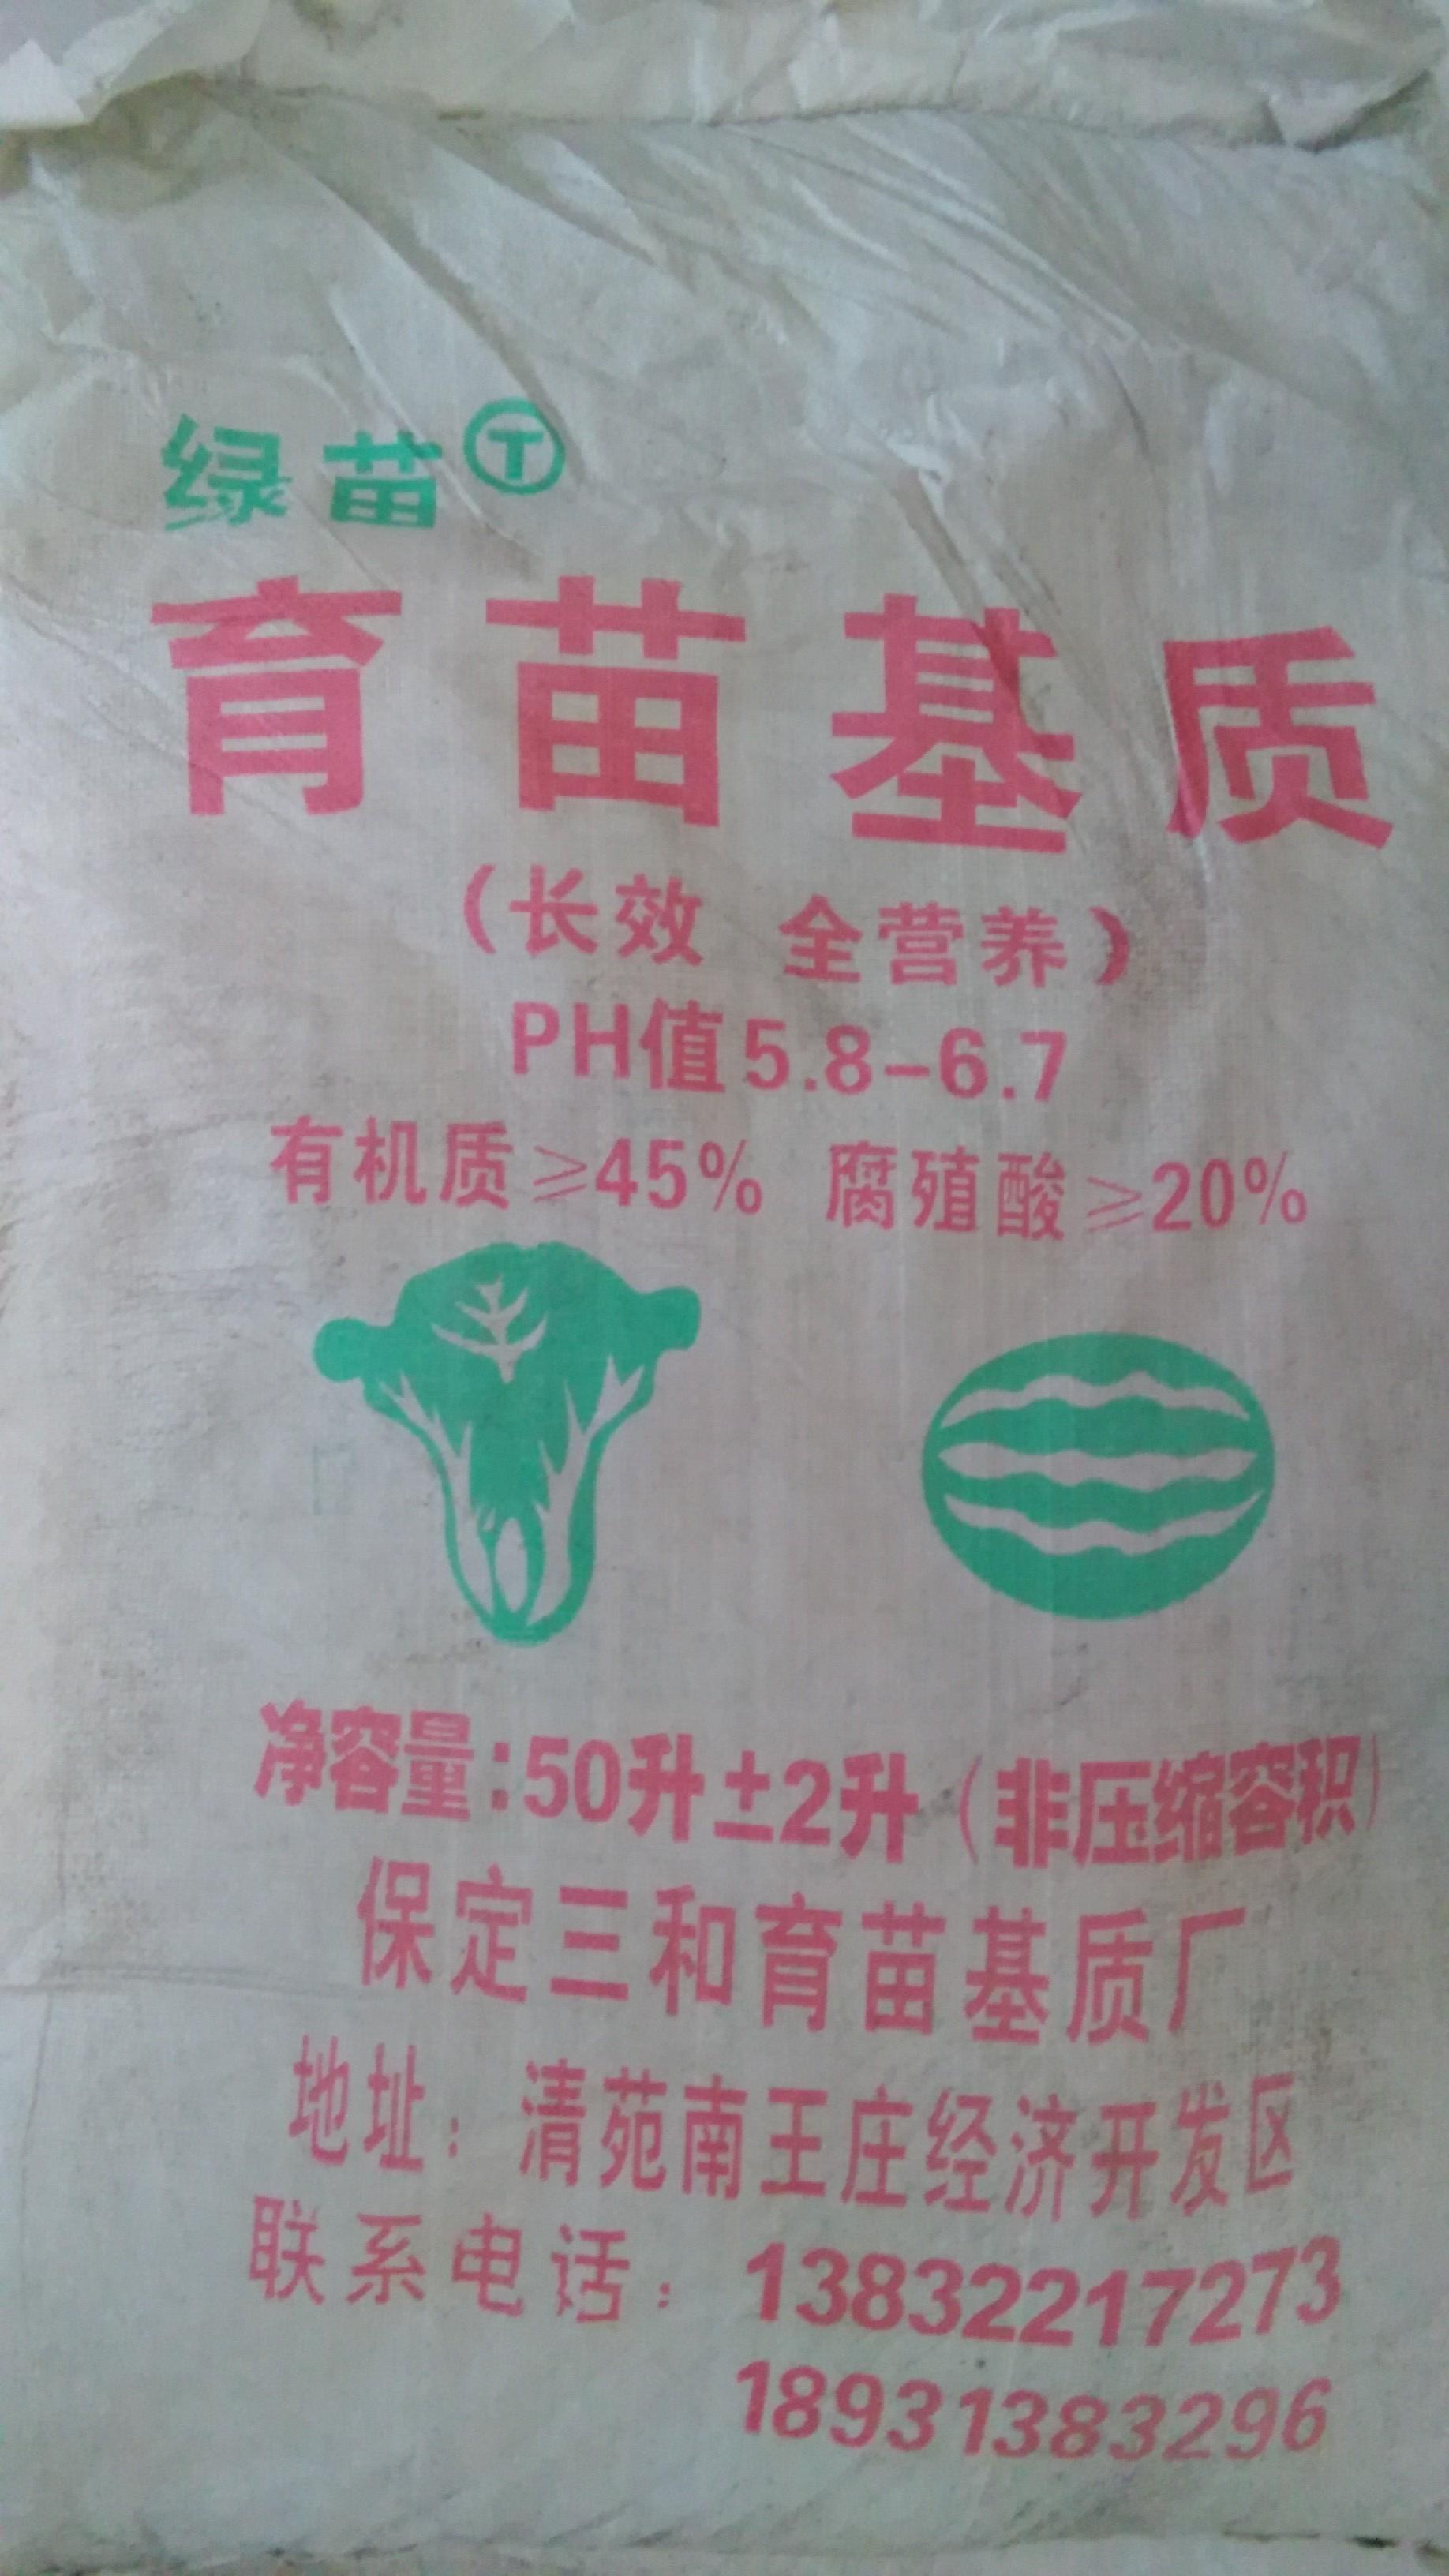 供应育苗基质 优质育苗基质配方 育苗基质有机肥厂 育苗基质批发价格 育苗基质厂家